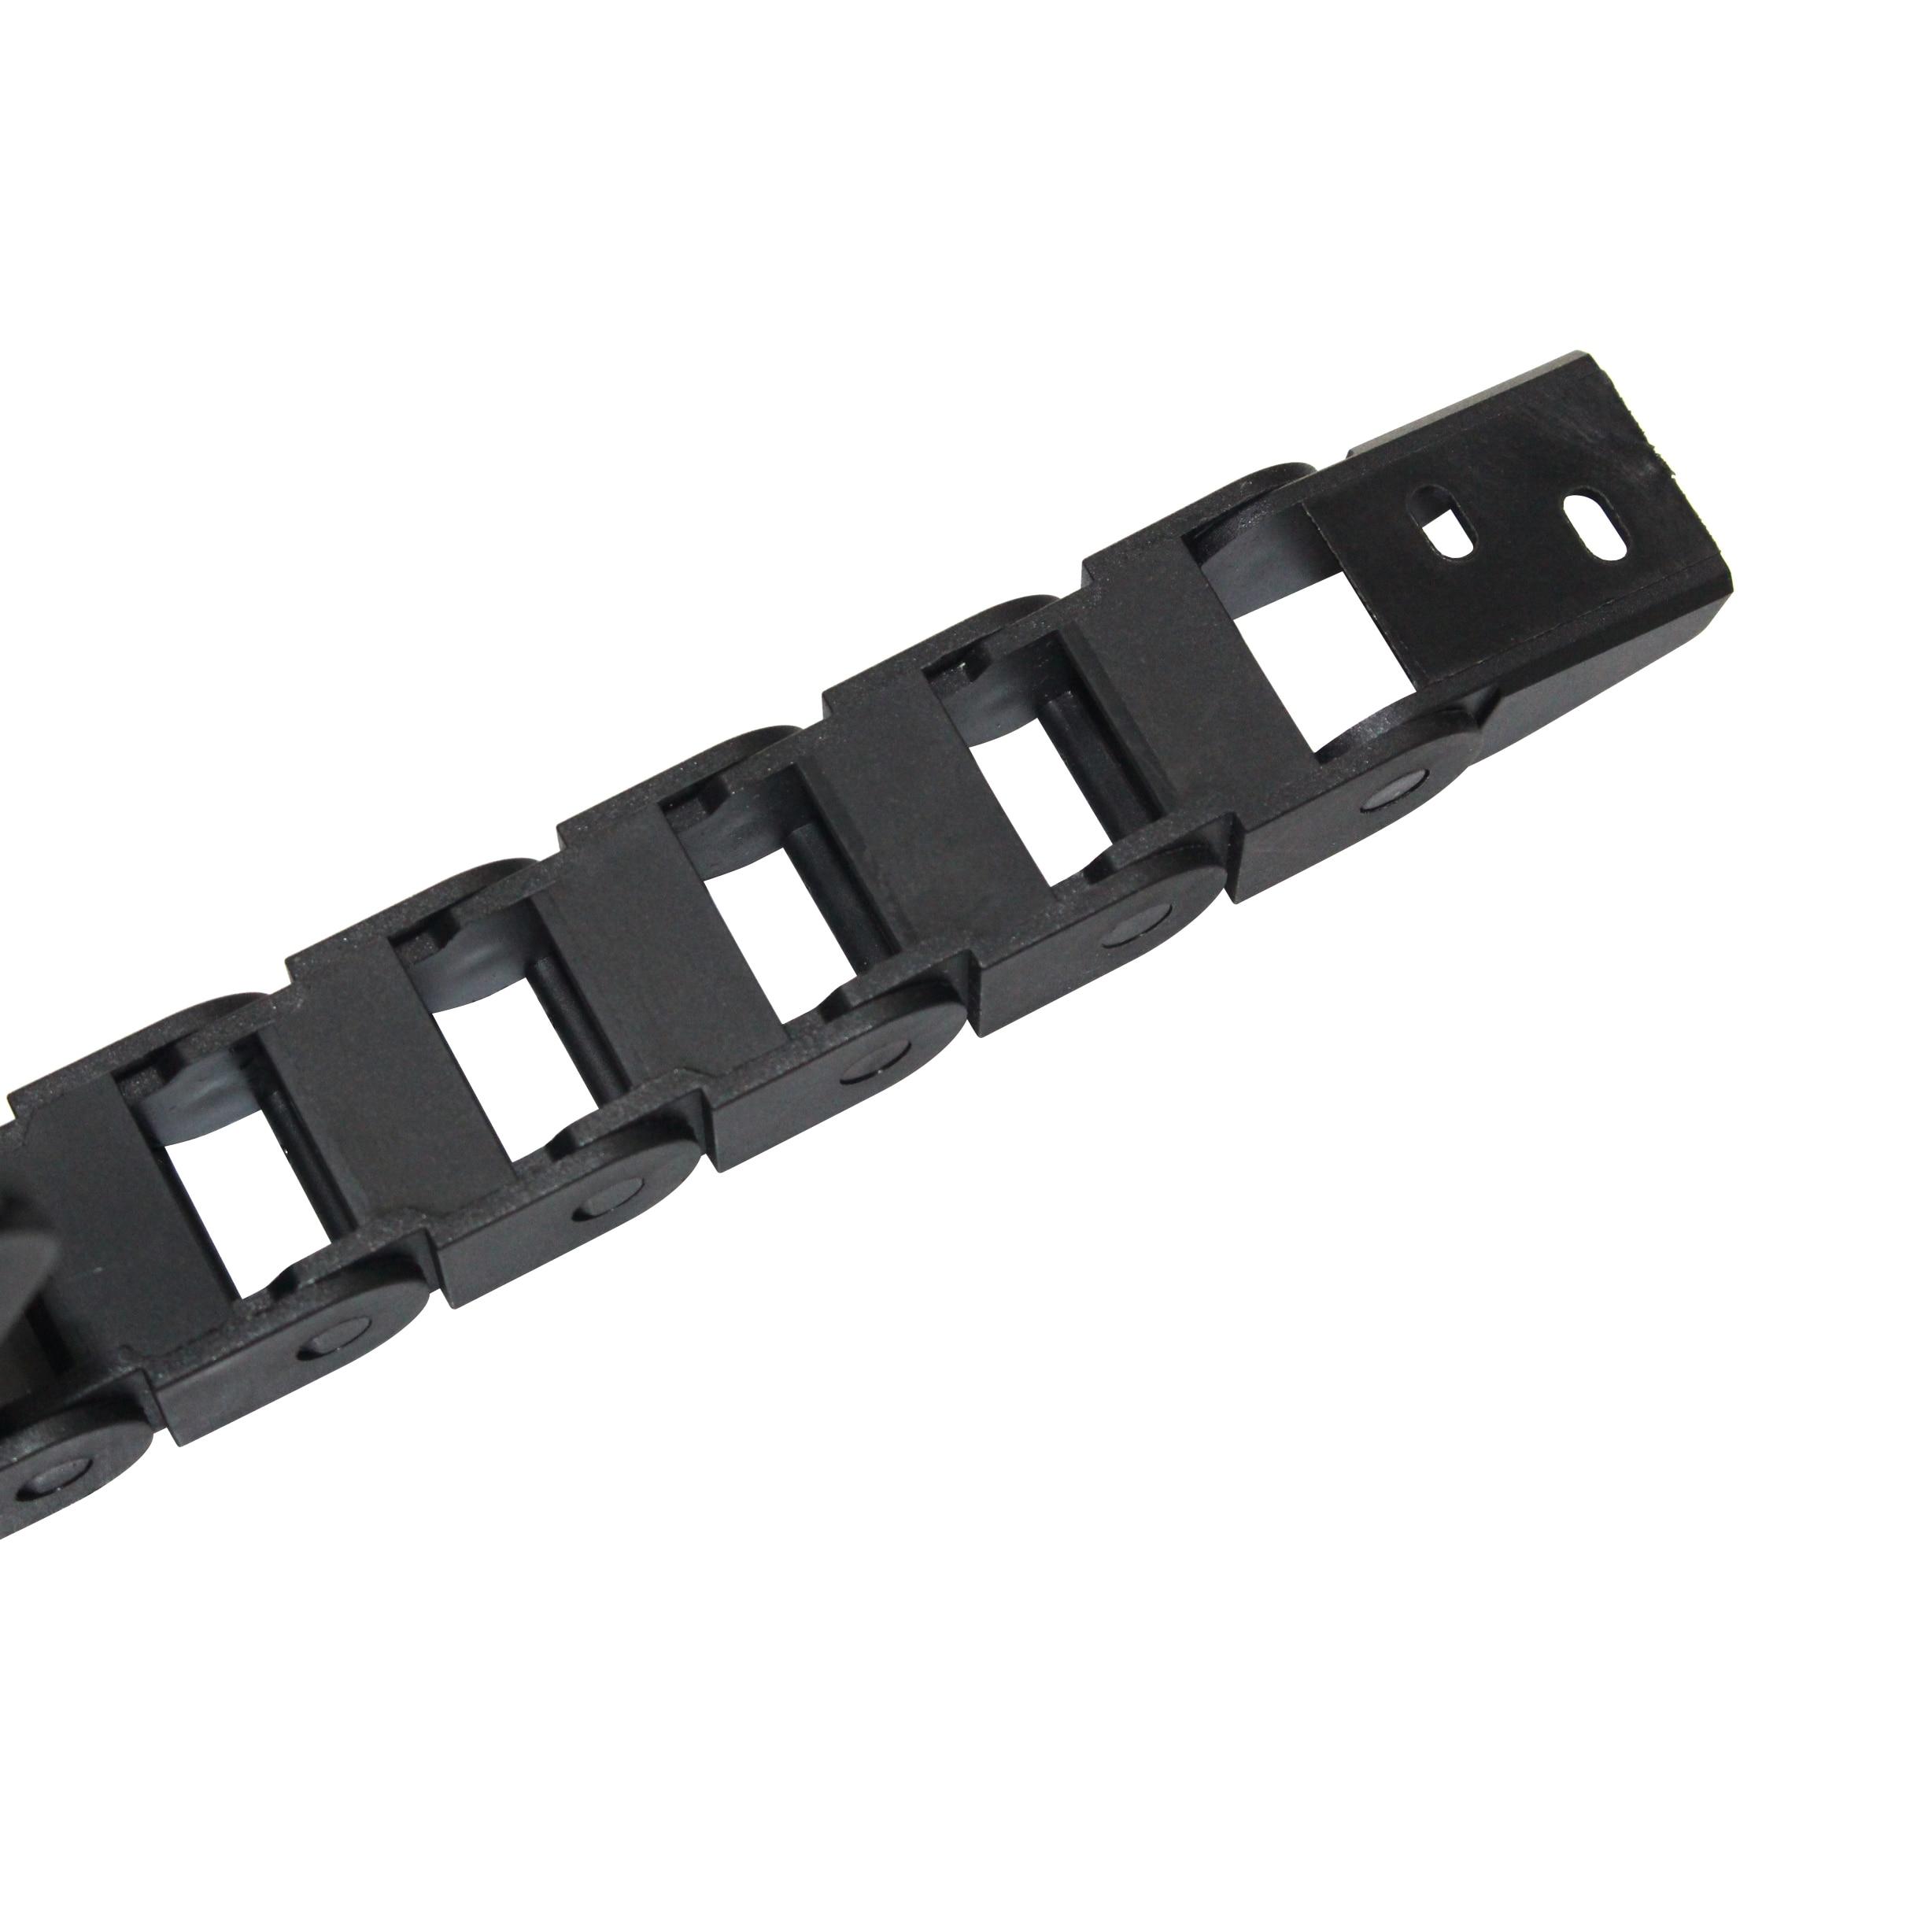 1 метр пластиковая Трансмиссия Тяговая цепь для машины кабель Тяговая цепь проволочный носитель с концевыми соединителями для станка с ЧПУ